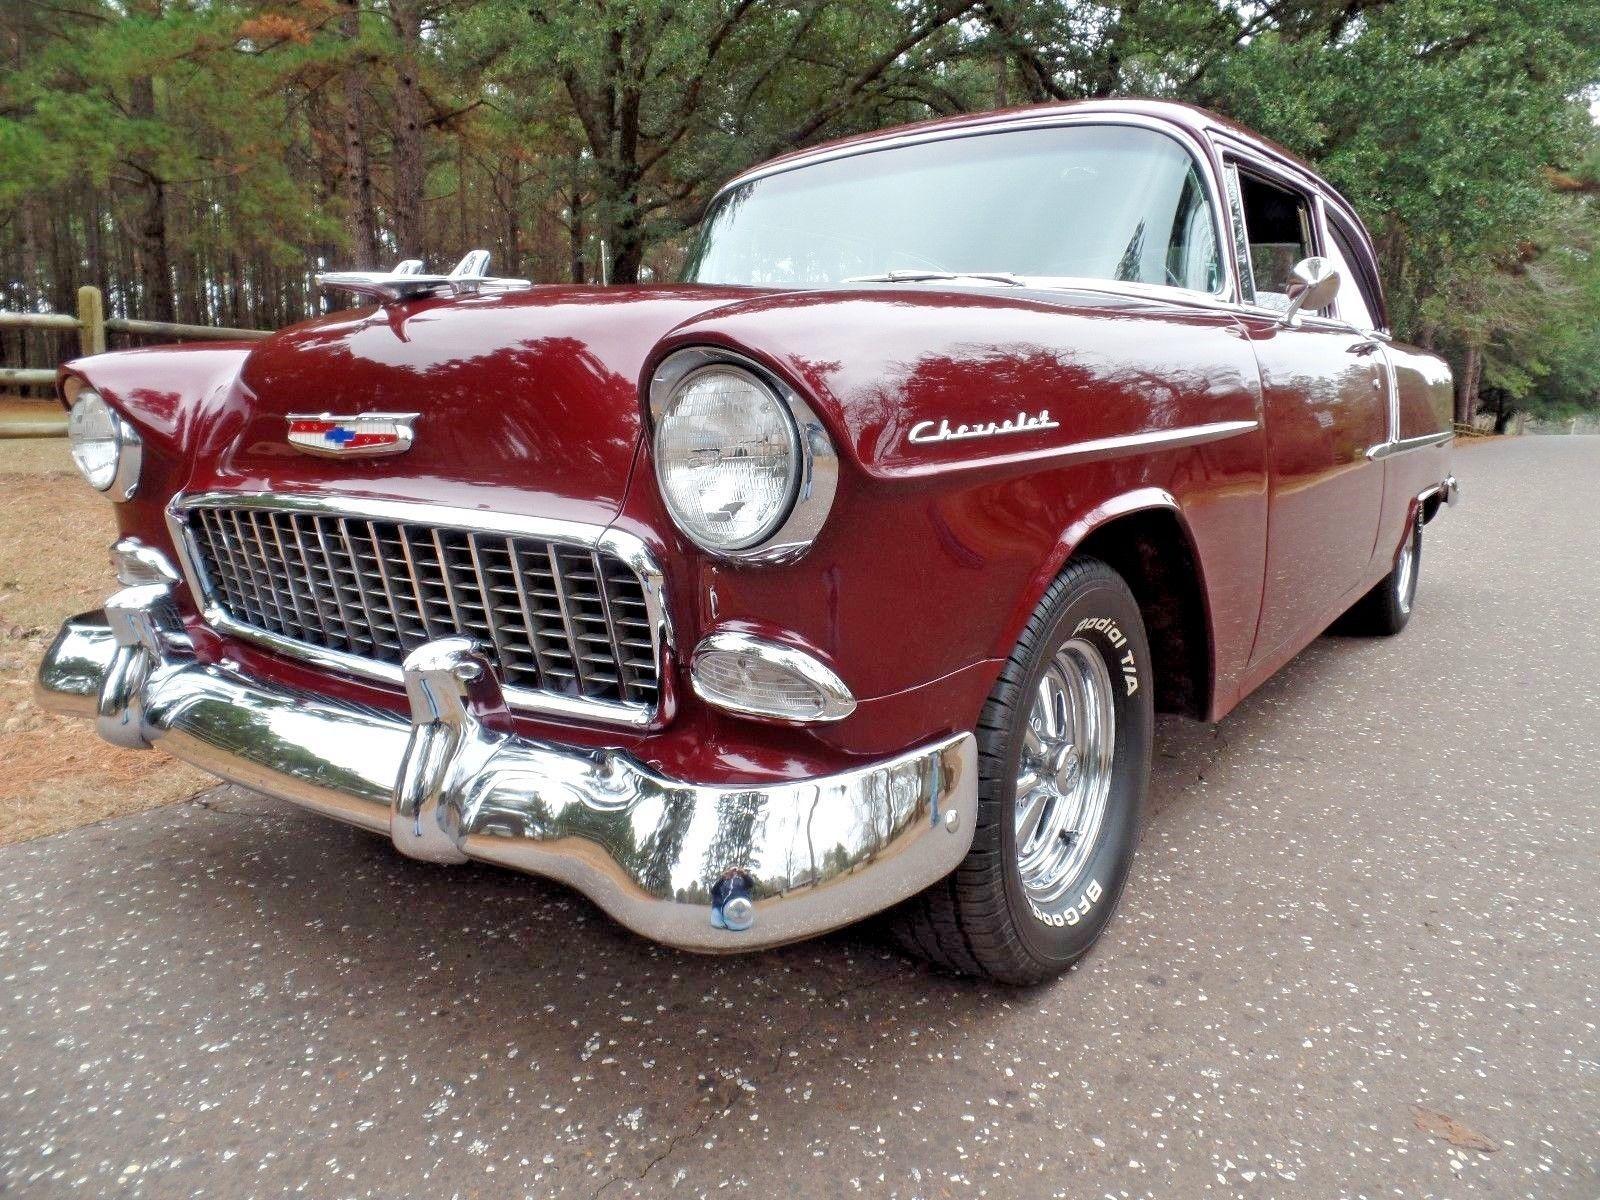 1955 Chevrolet Bel Air 150 210 VINTAGE 60 s LOOK STREET ROD POST